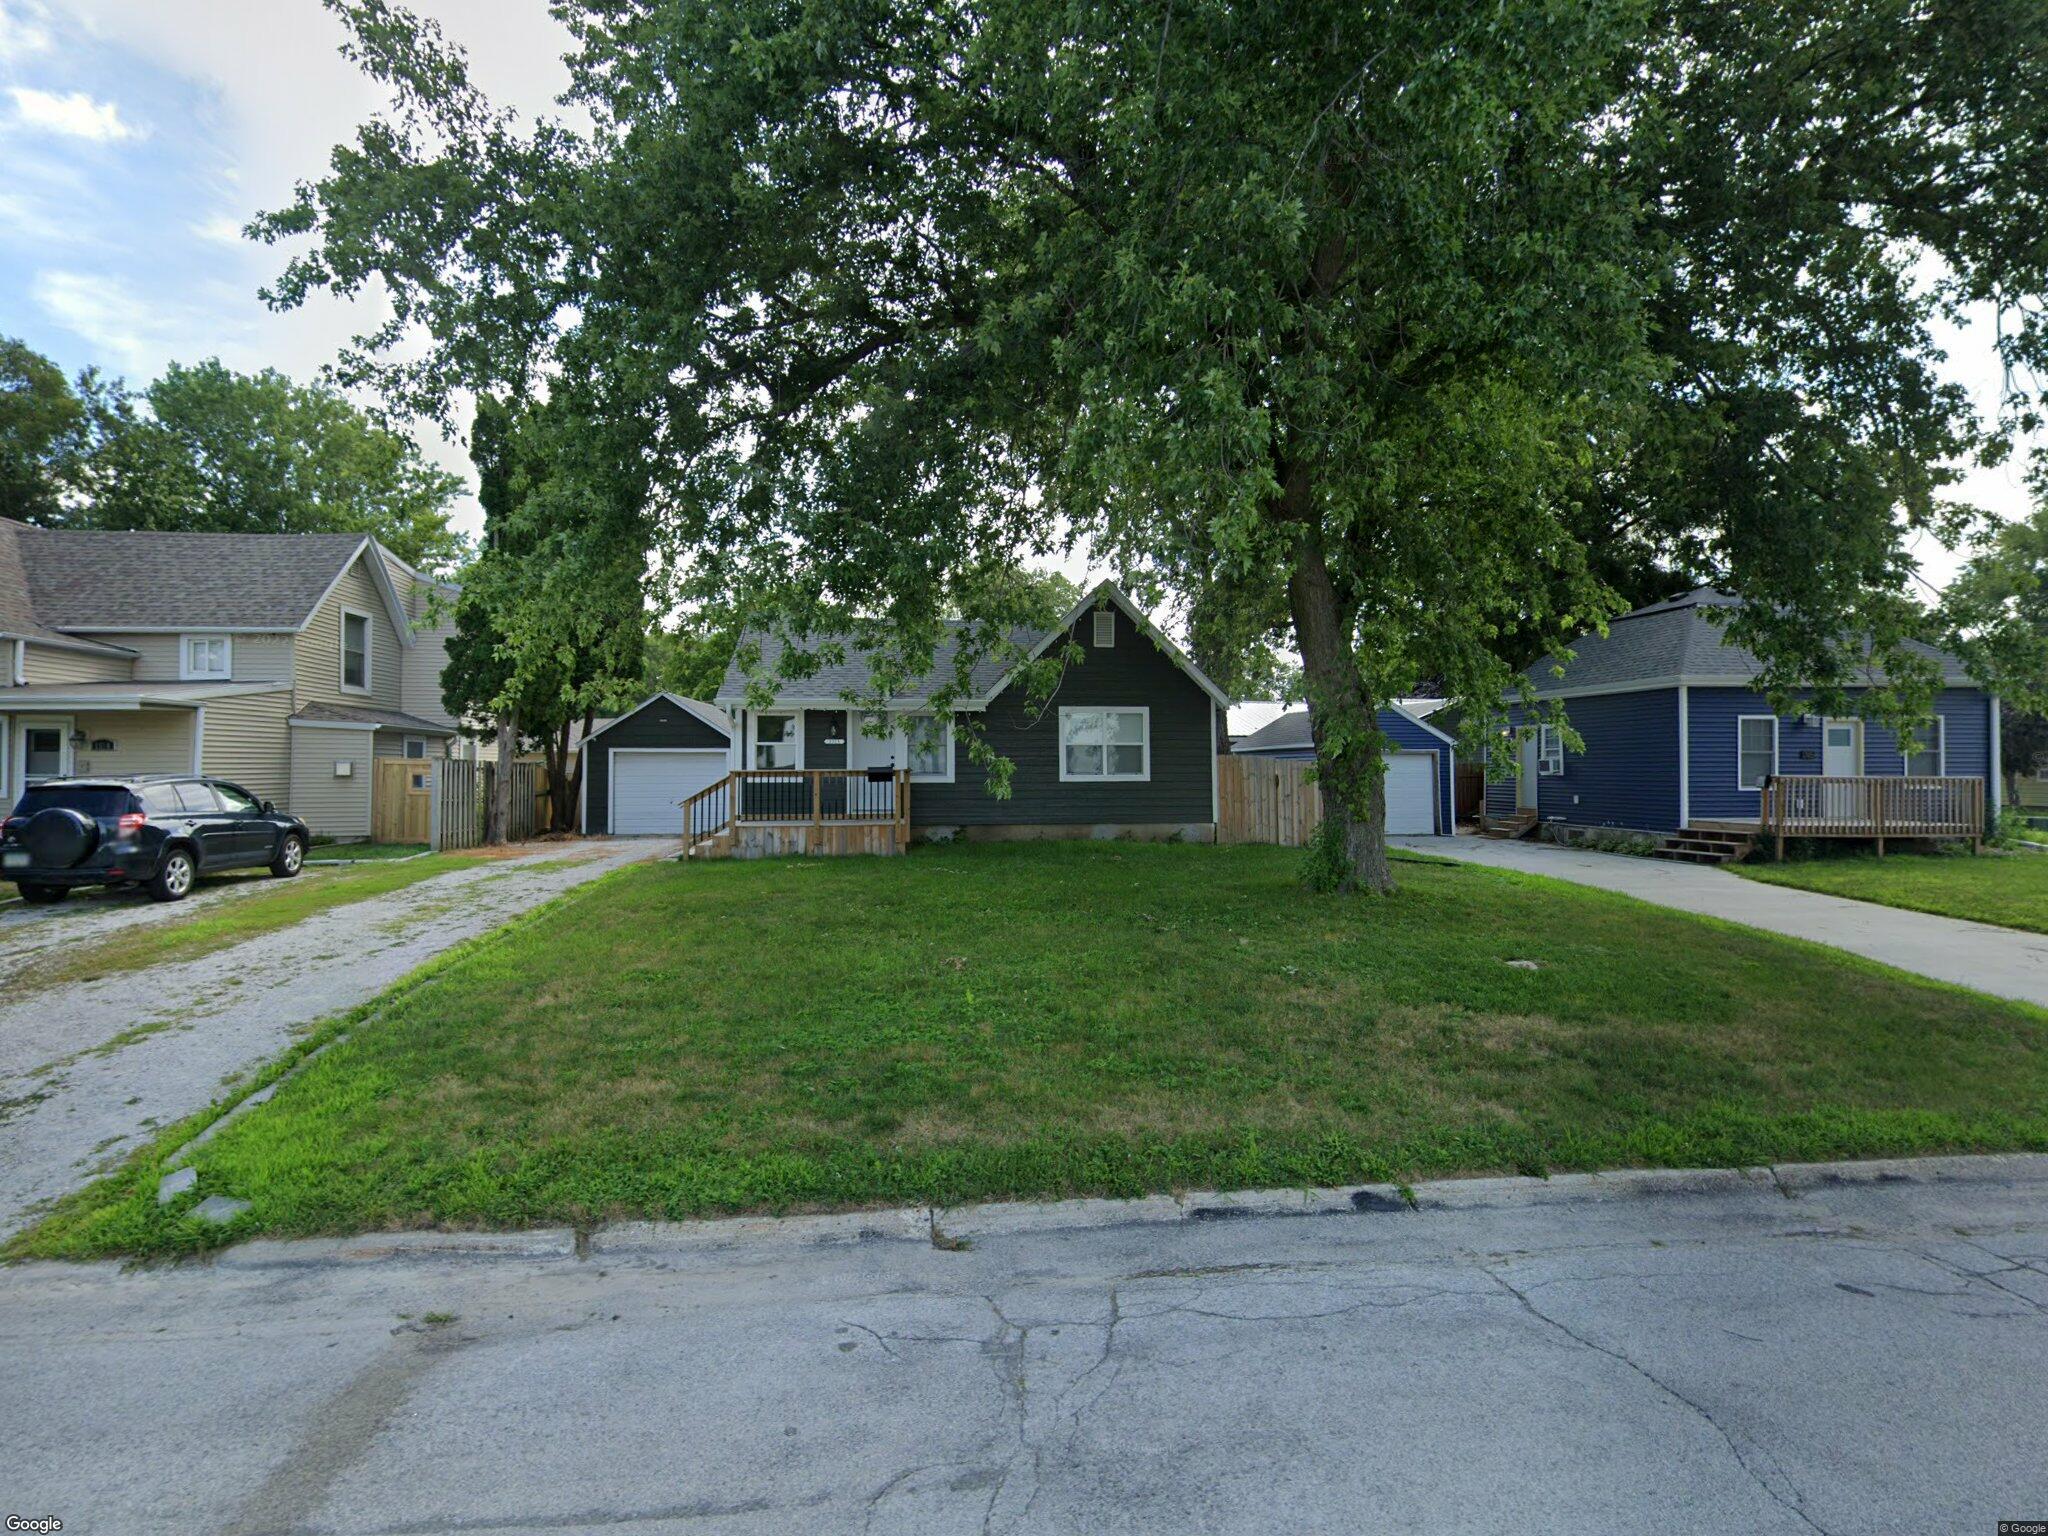 1315 2nd St Nevada Ia 50201 2 Bed 1 Bath Single Family Home